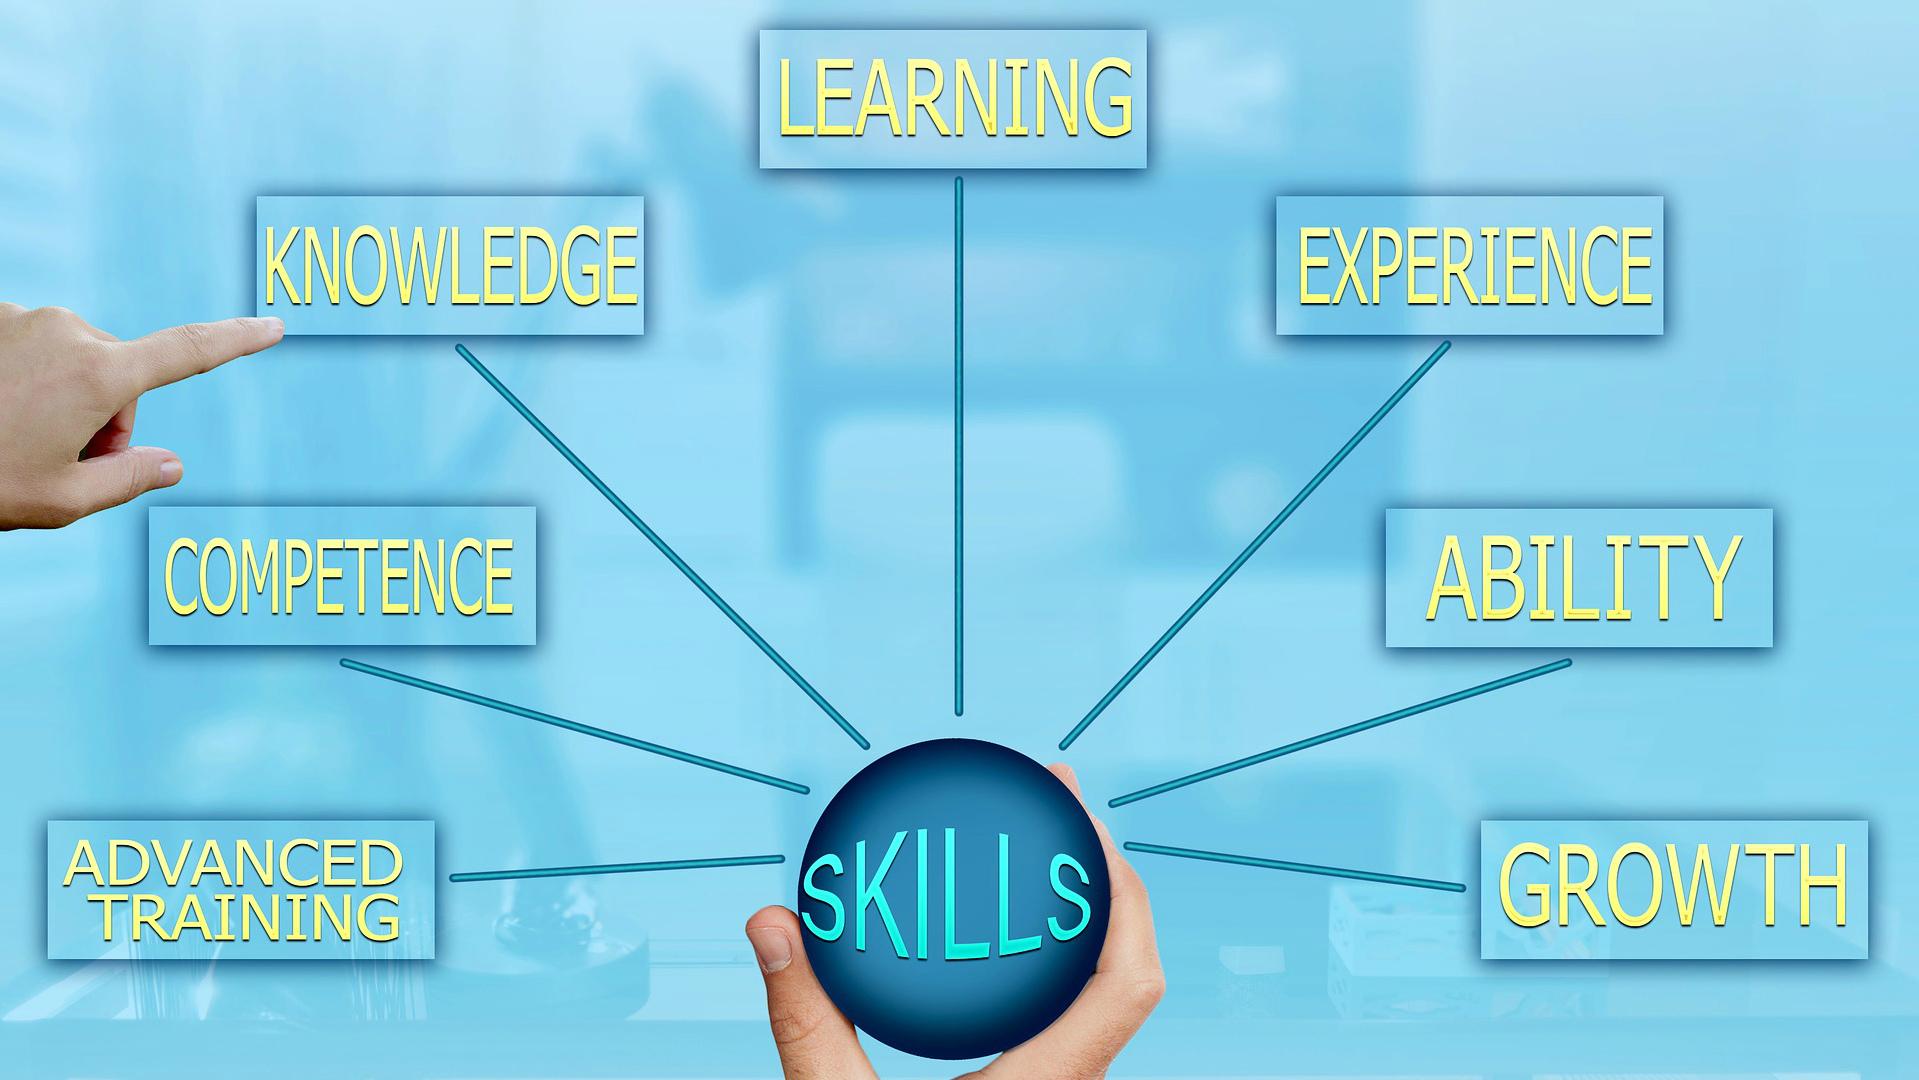 Три проекта по обучению и их результаты